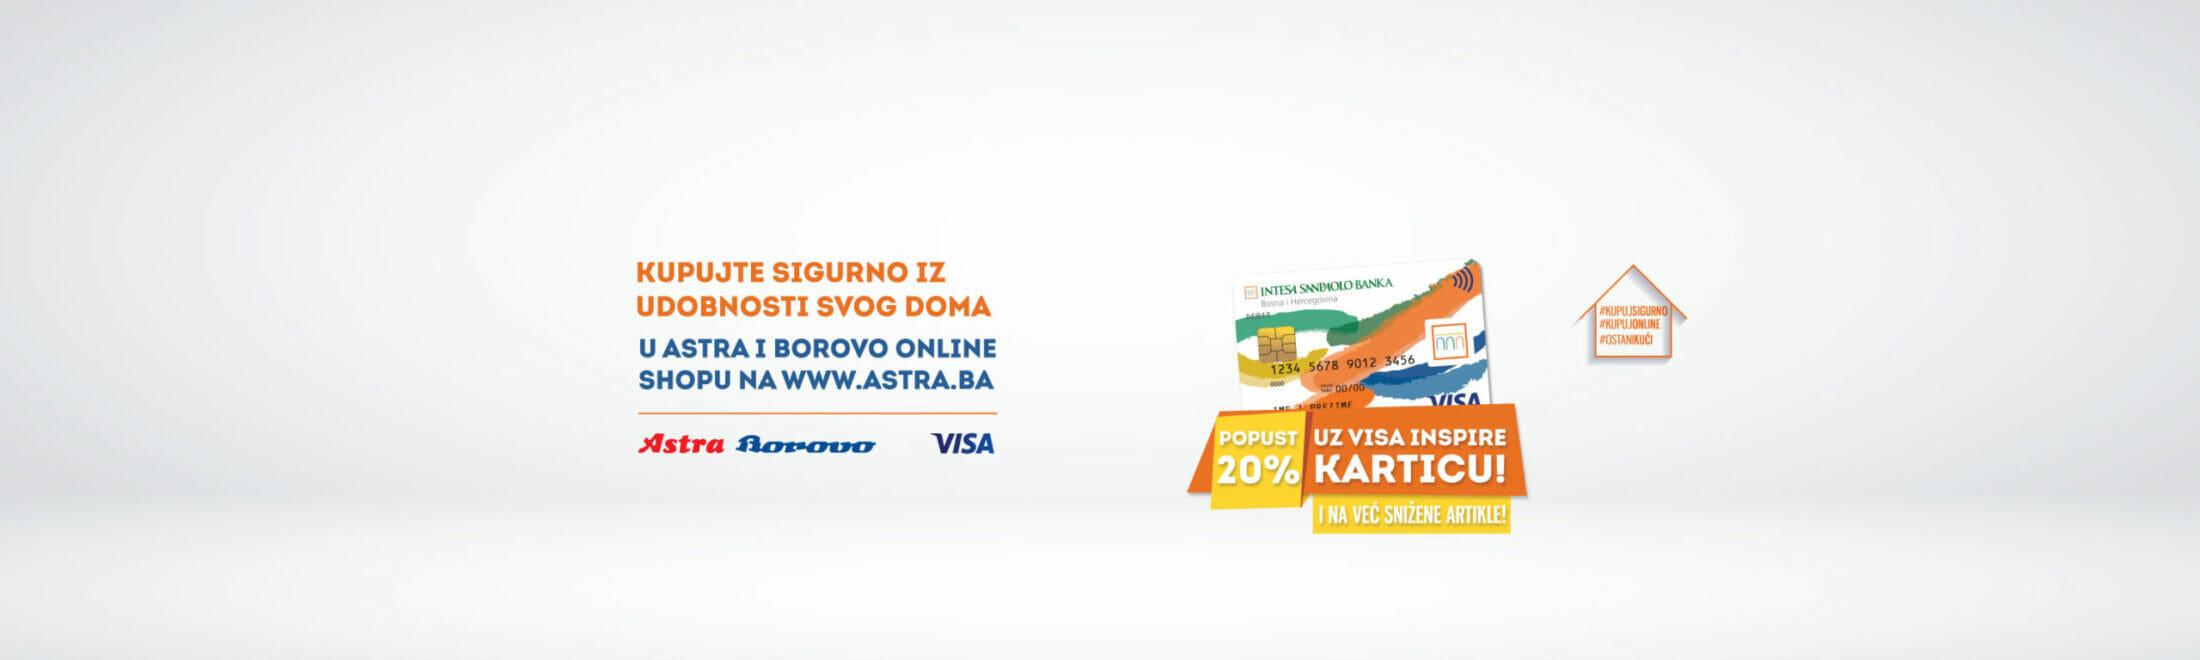 Mjesec online kupovine – ASTRA BOROVO akcija!